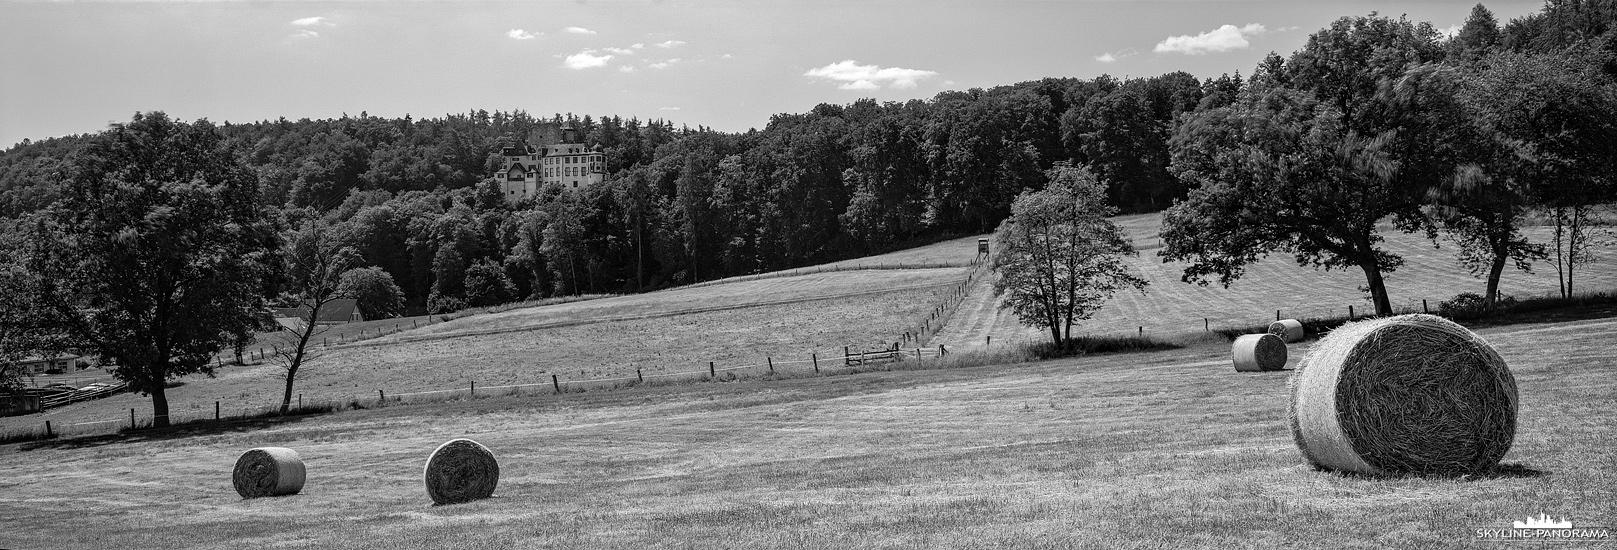 6x17 Panorama - Die Burg Hohlenfels bei Hahnstätten im Rhein-Lahn-Kreis mit einem abgeernteten Getreidefeld und ein paar aufgerollten Heuballen im Vordergund.